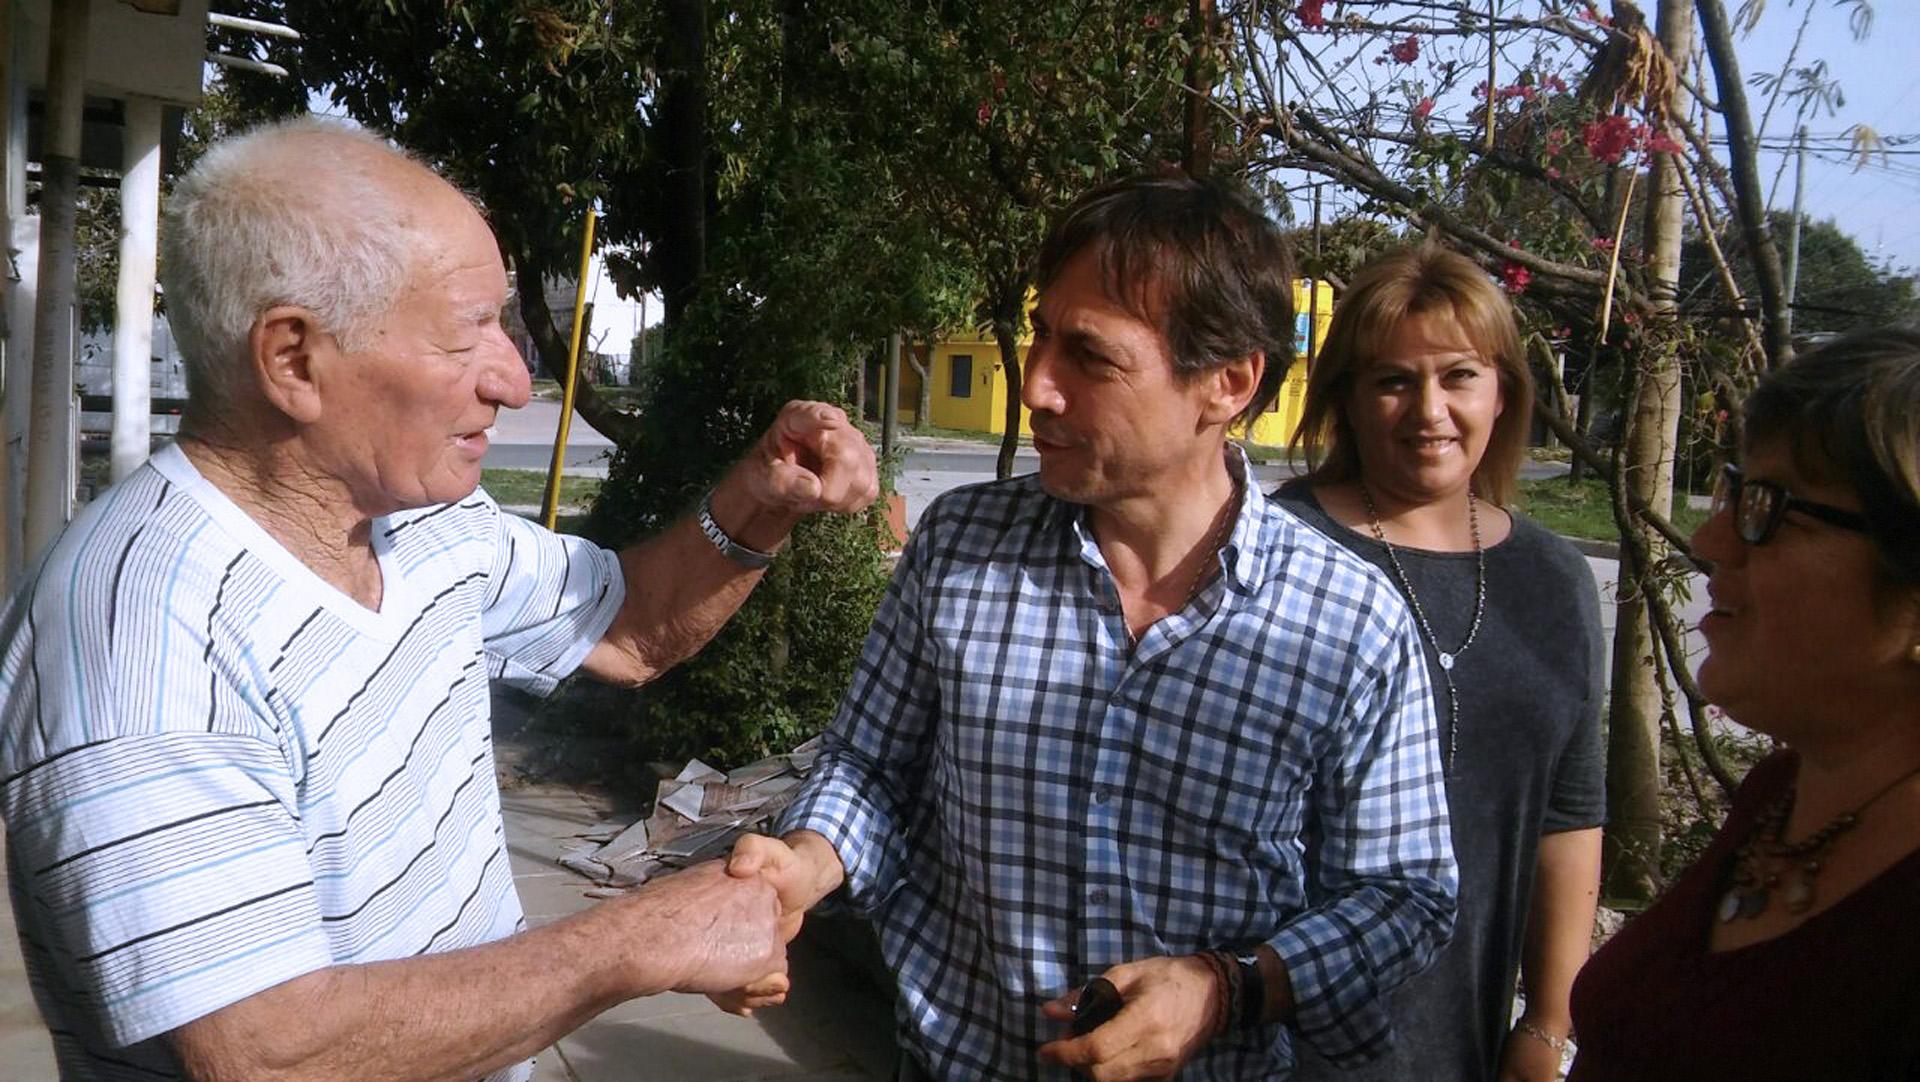 El precandidato a senador por Cambiemos, Luis Naidenoff, recorrió el barrio Virgen del Pilar, en la ciudad de Formosa, en el marco del timbreo nacional que realizó el Frente